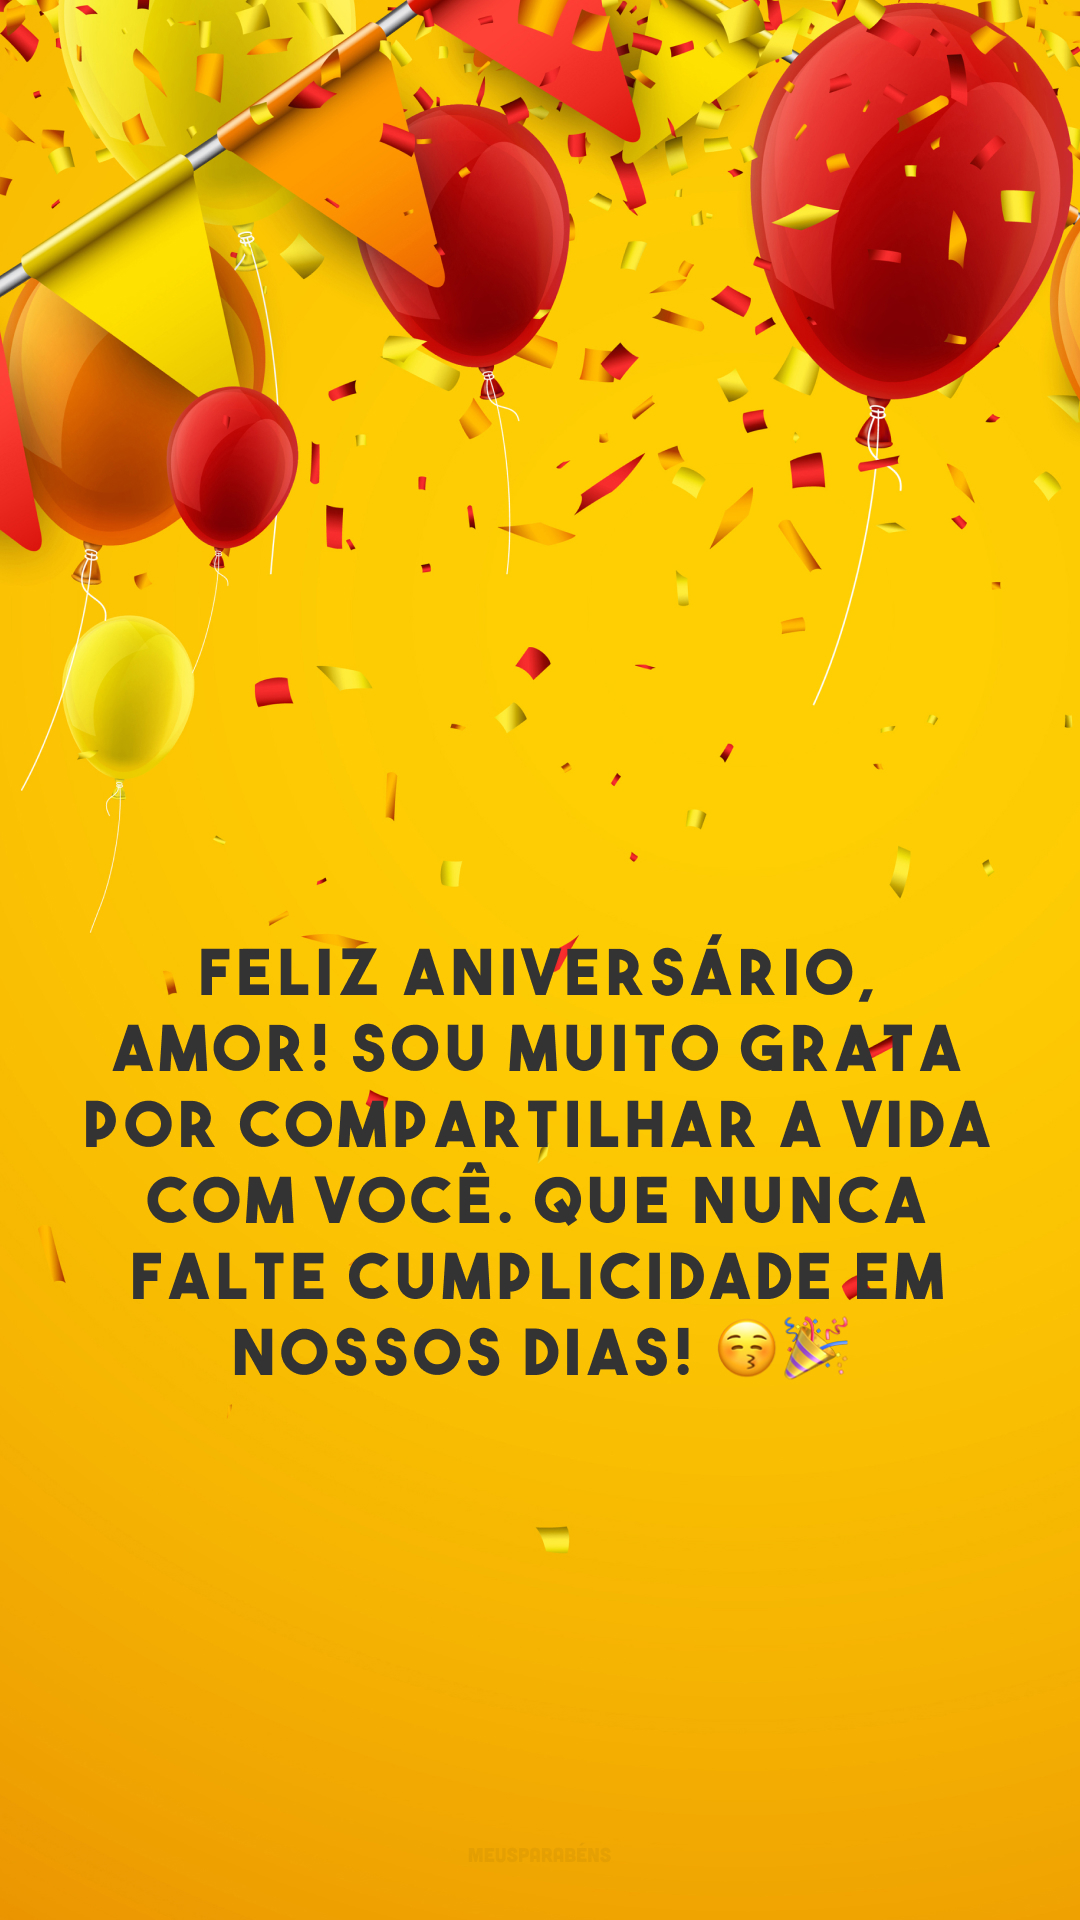 Feliz aniversário, amor! Sou muito grata por compartilhar a vida com você. Que nunca falte cumplicidade em nossos dias! 😚🎉